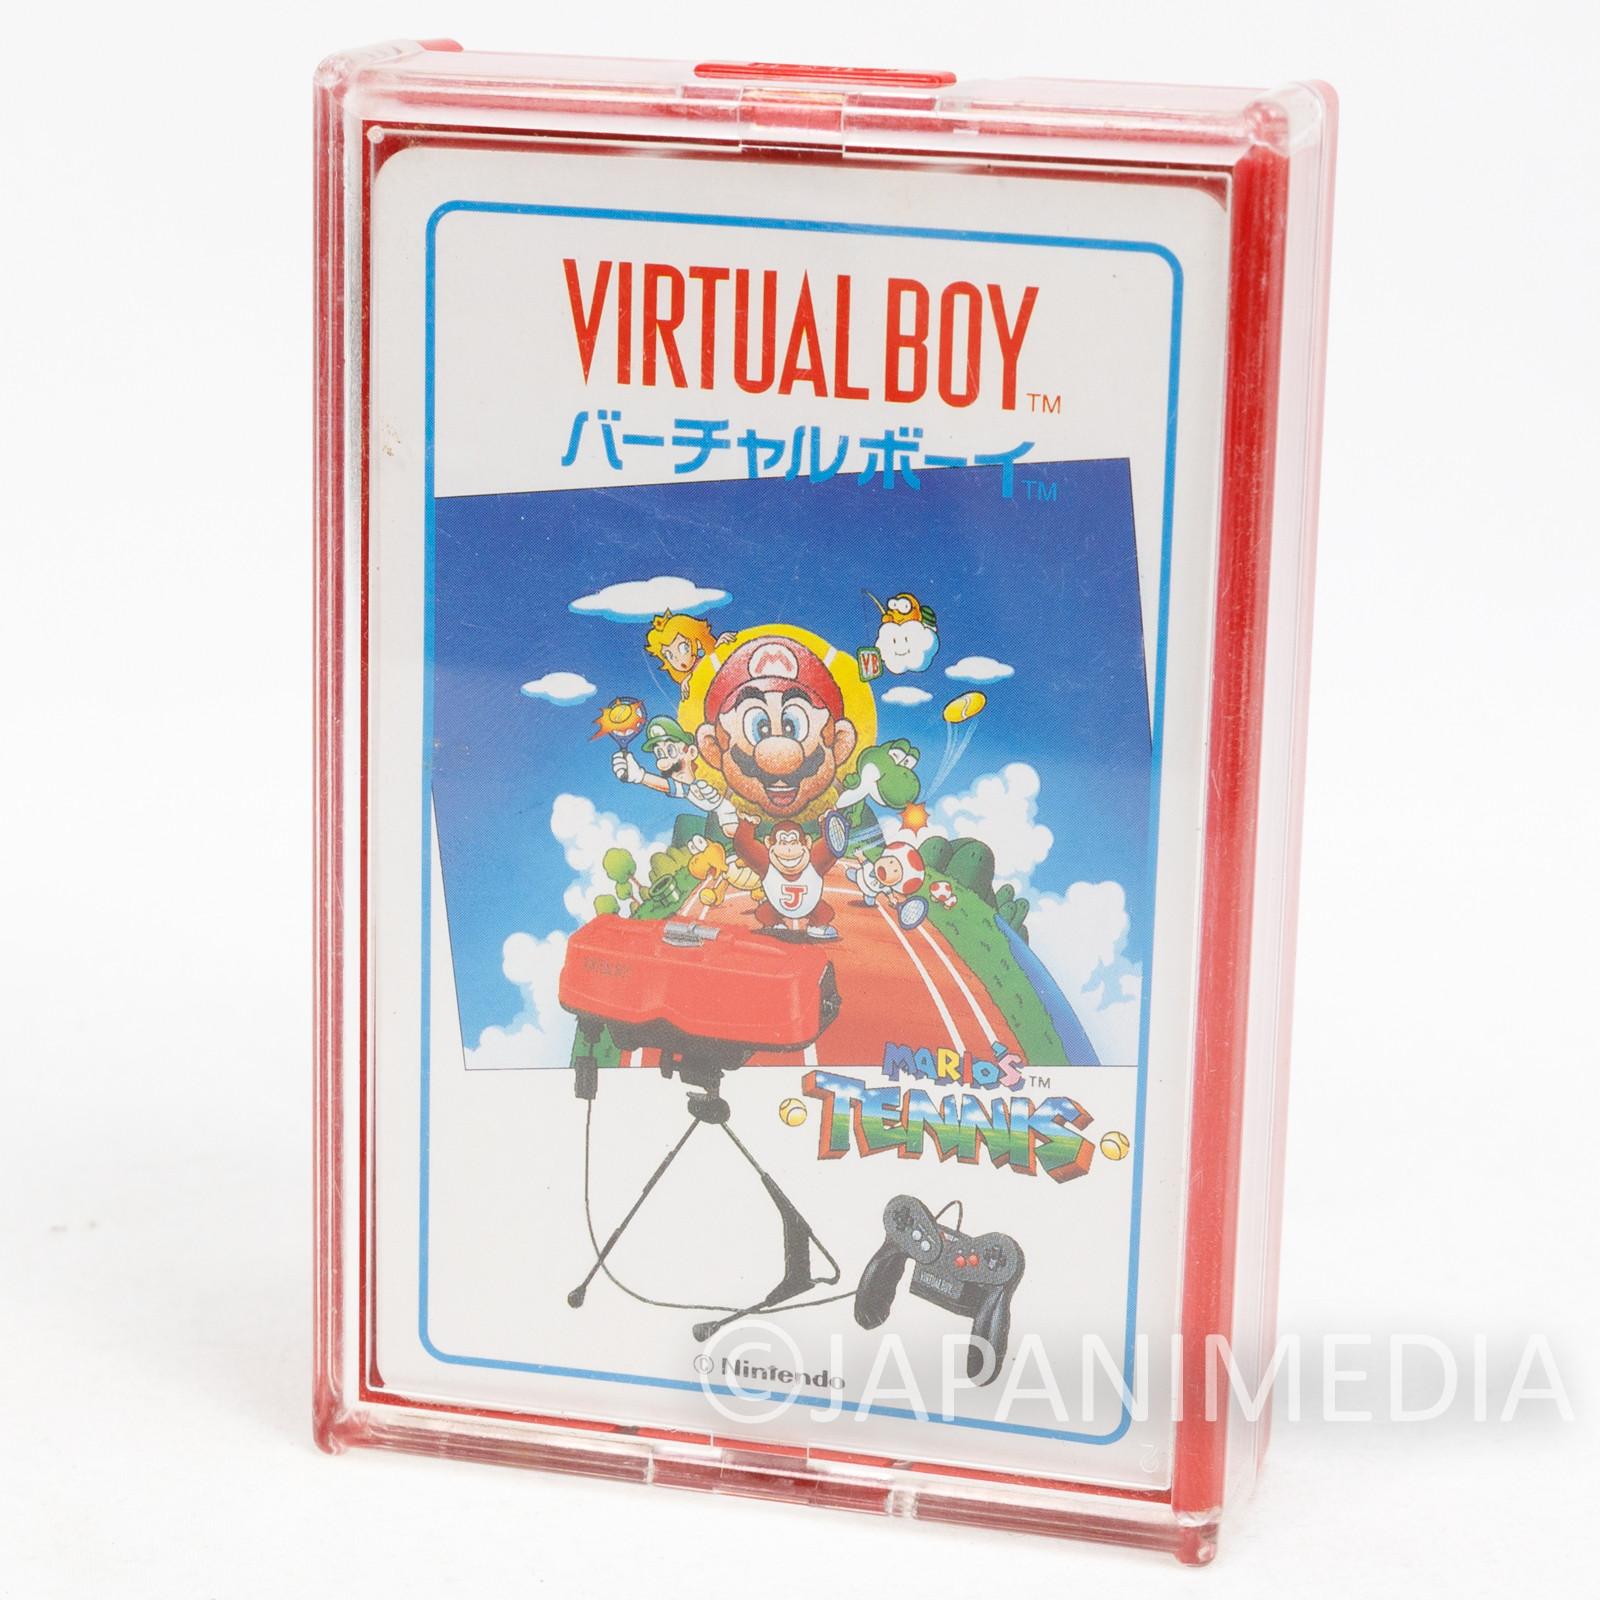 Retro RARE Virtual Boy Mario Tennis Trump Playing Cards Nintendo JAPAN FAMICOM